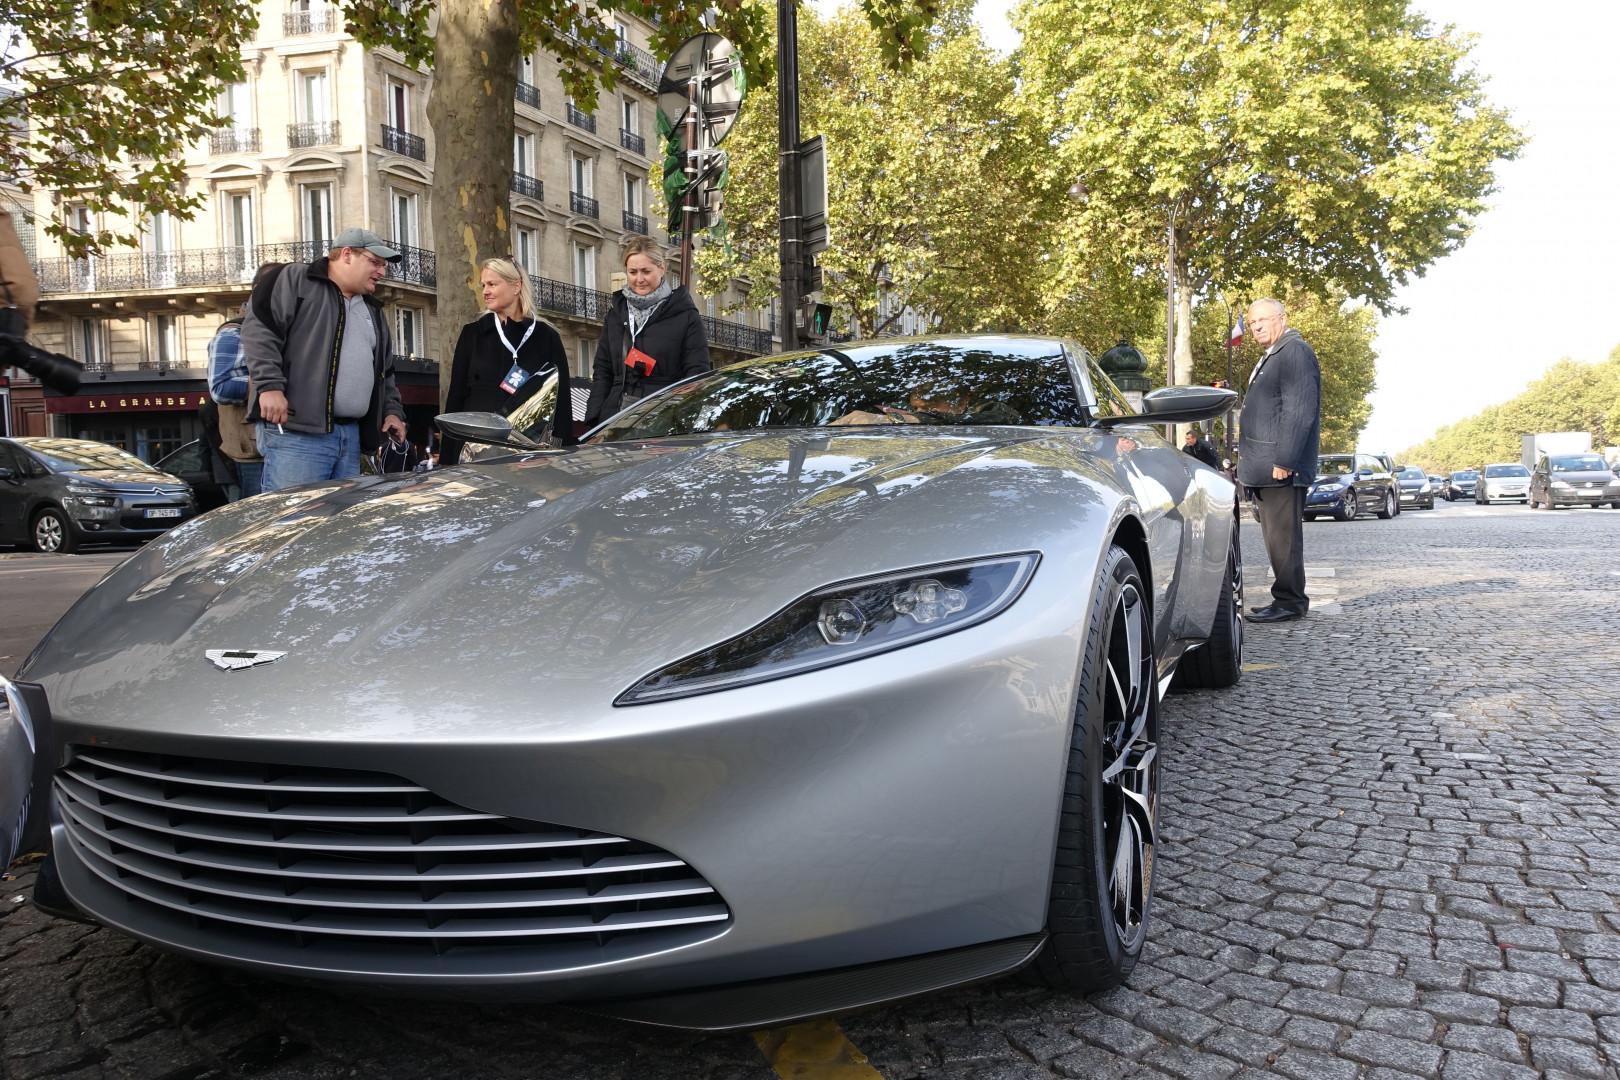 """L'Aston Martin DB10 conçue spécialement pour """"Spectre""""."""